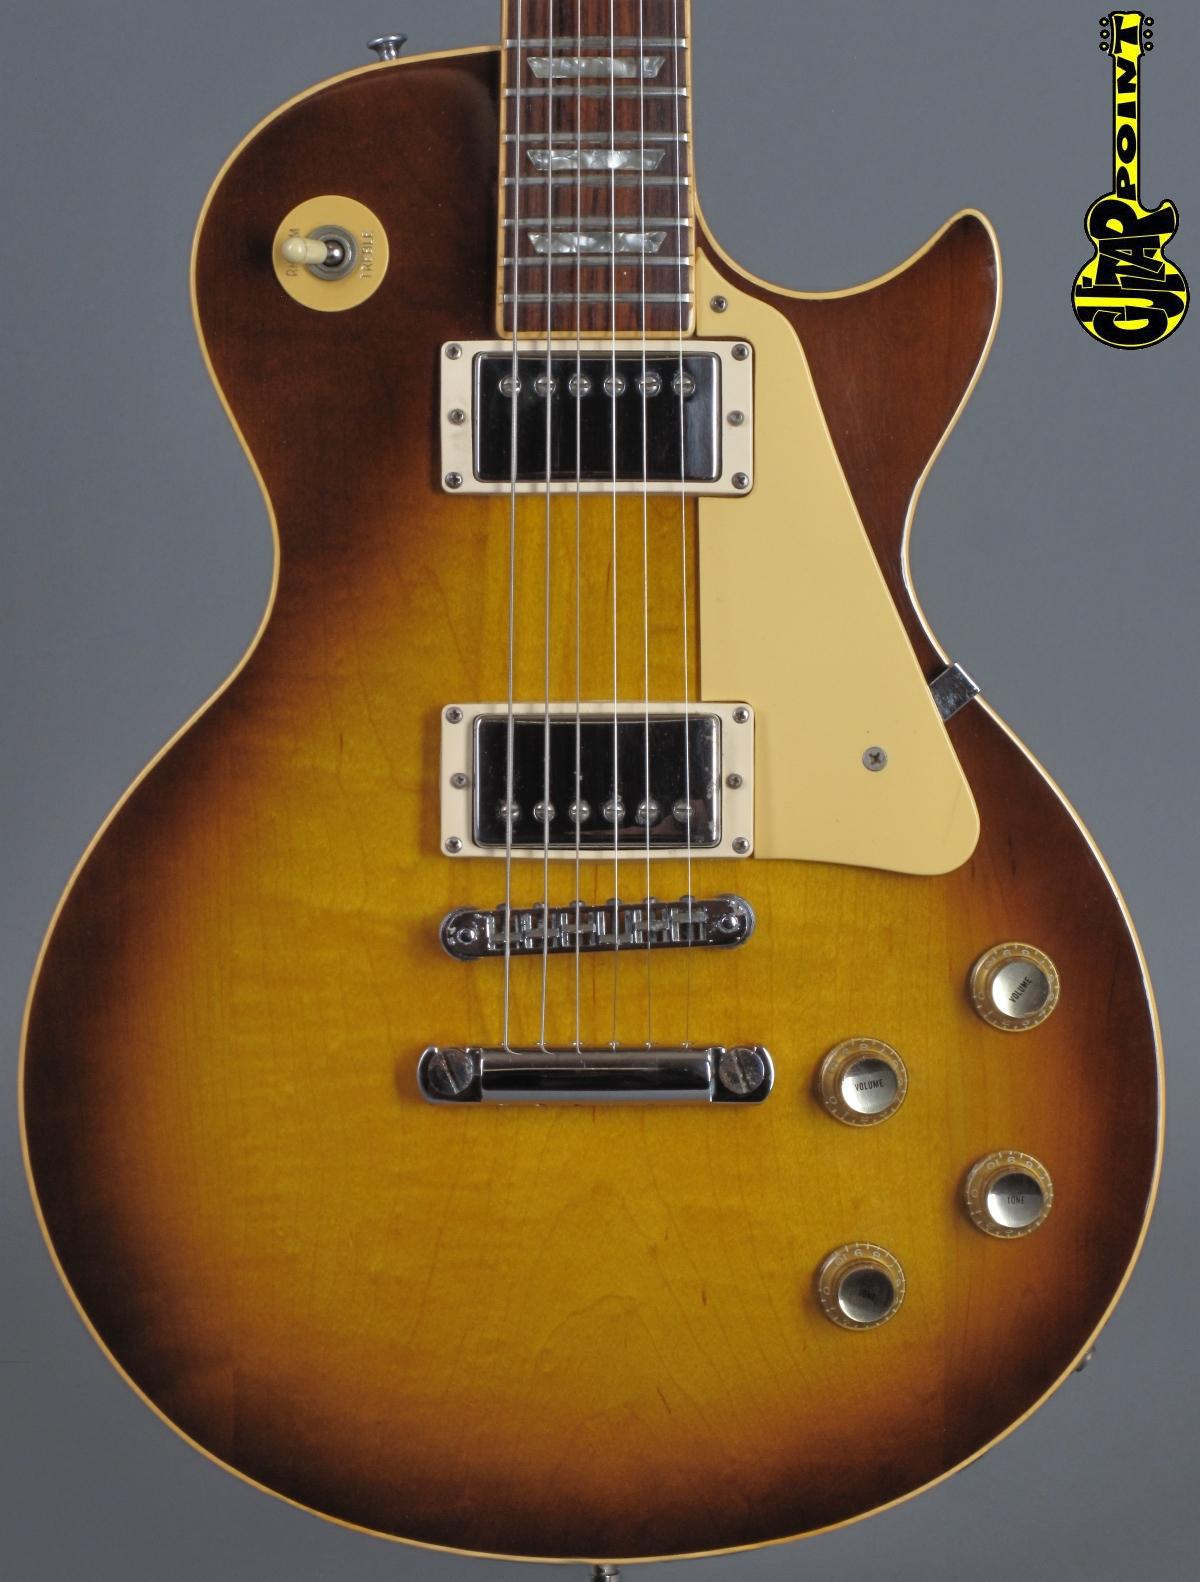 1978 Gibson Les Paul Standard - Honeyburst